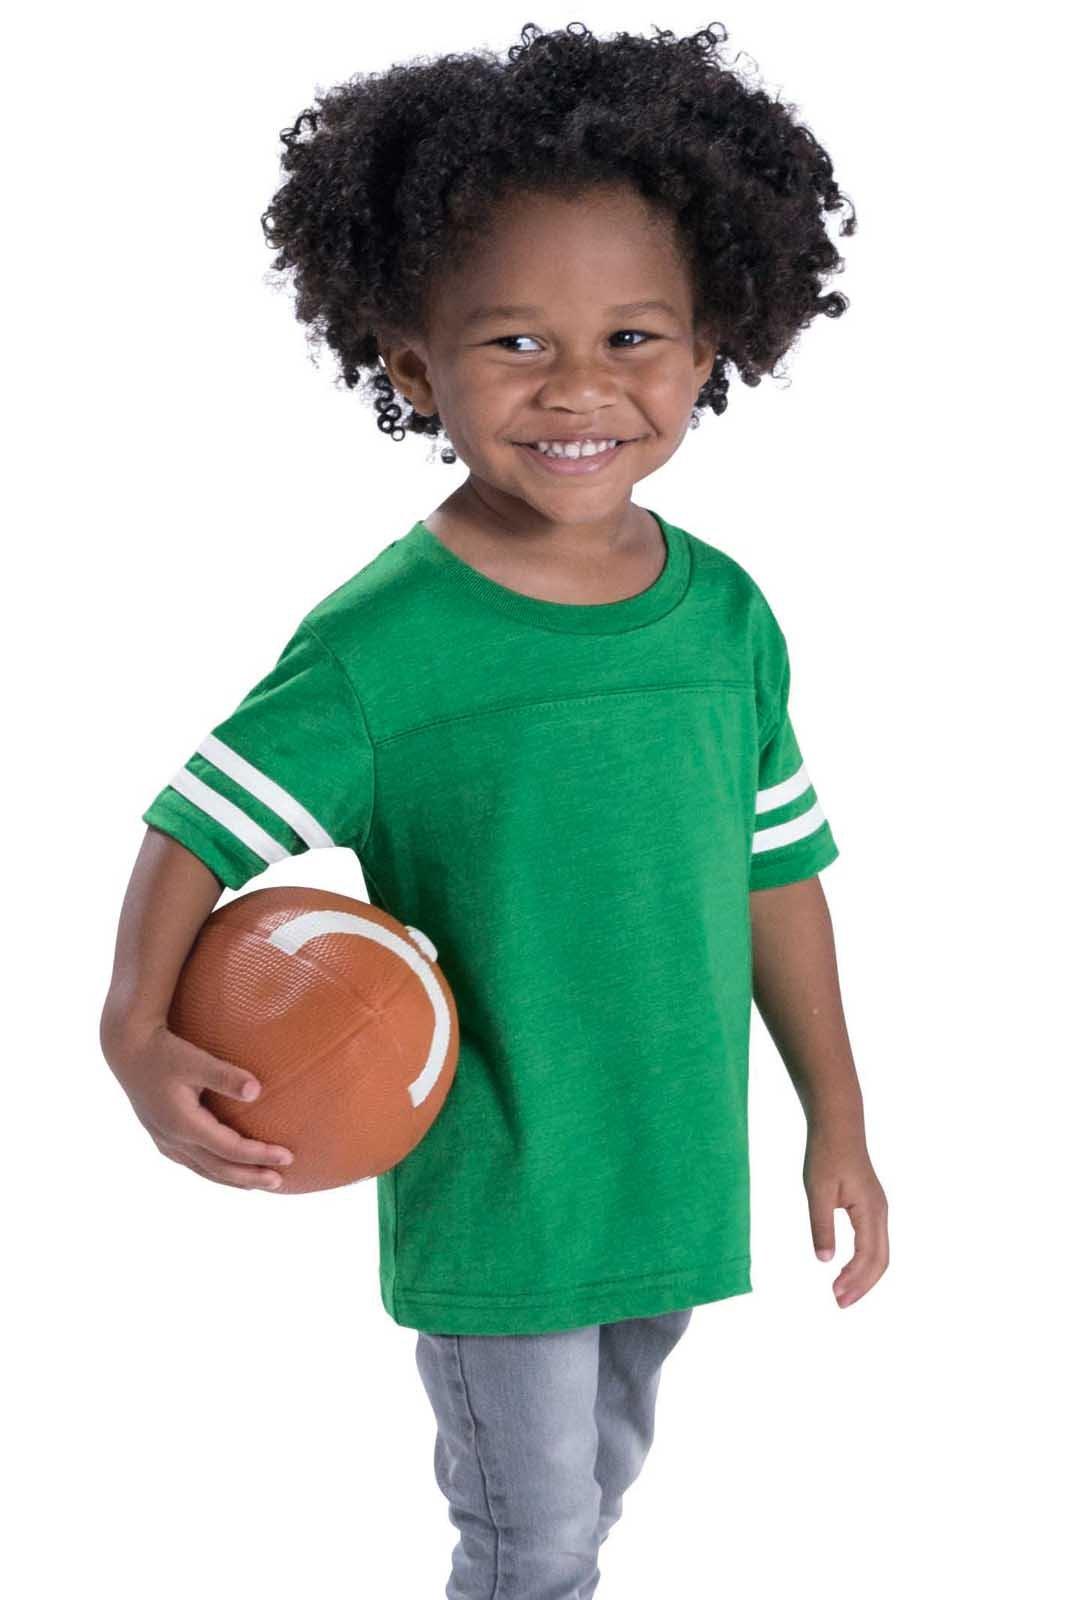 Rabbit Skins Toddler Fine Jersey Short Sleeve Football Tee (Granite Heather/Vintage Smoke, 4 Toddler)